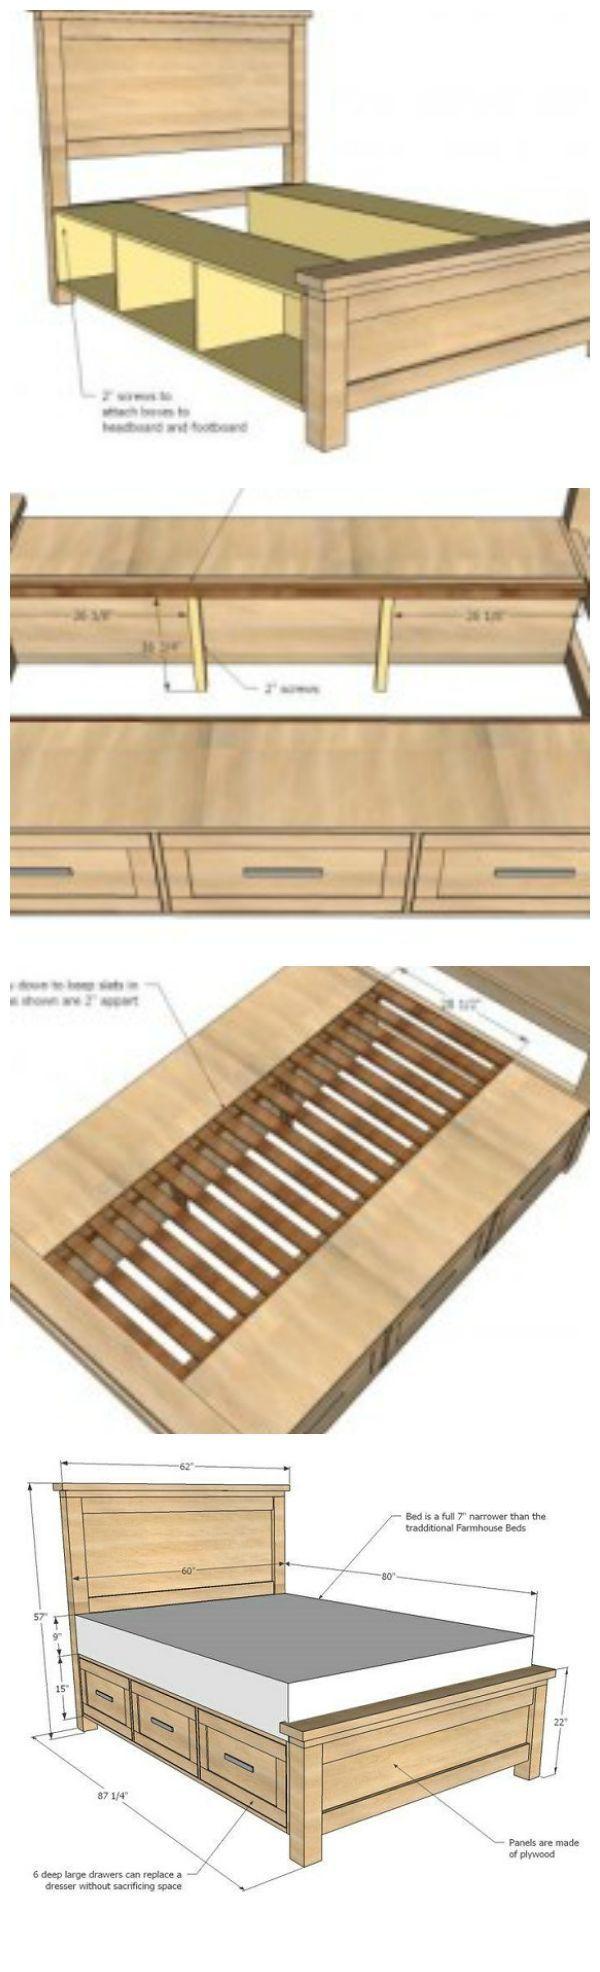 Bed frames with storage plans - Best 25 Bed Frame Storage Ideas Only On Pinterest Platform Bed Storage Platform Bed With Drawers And Bed Ideas